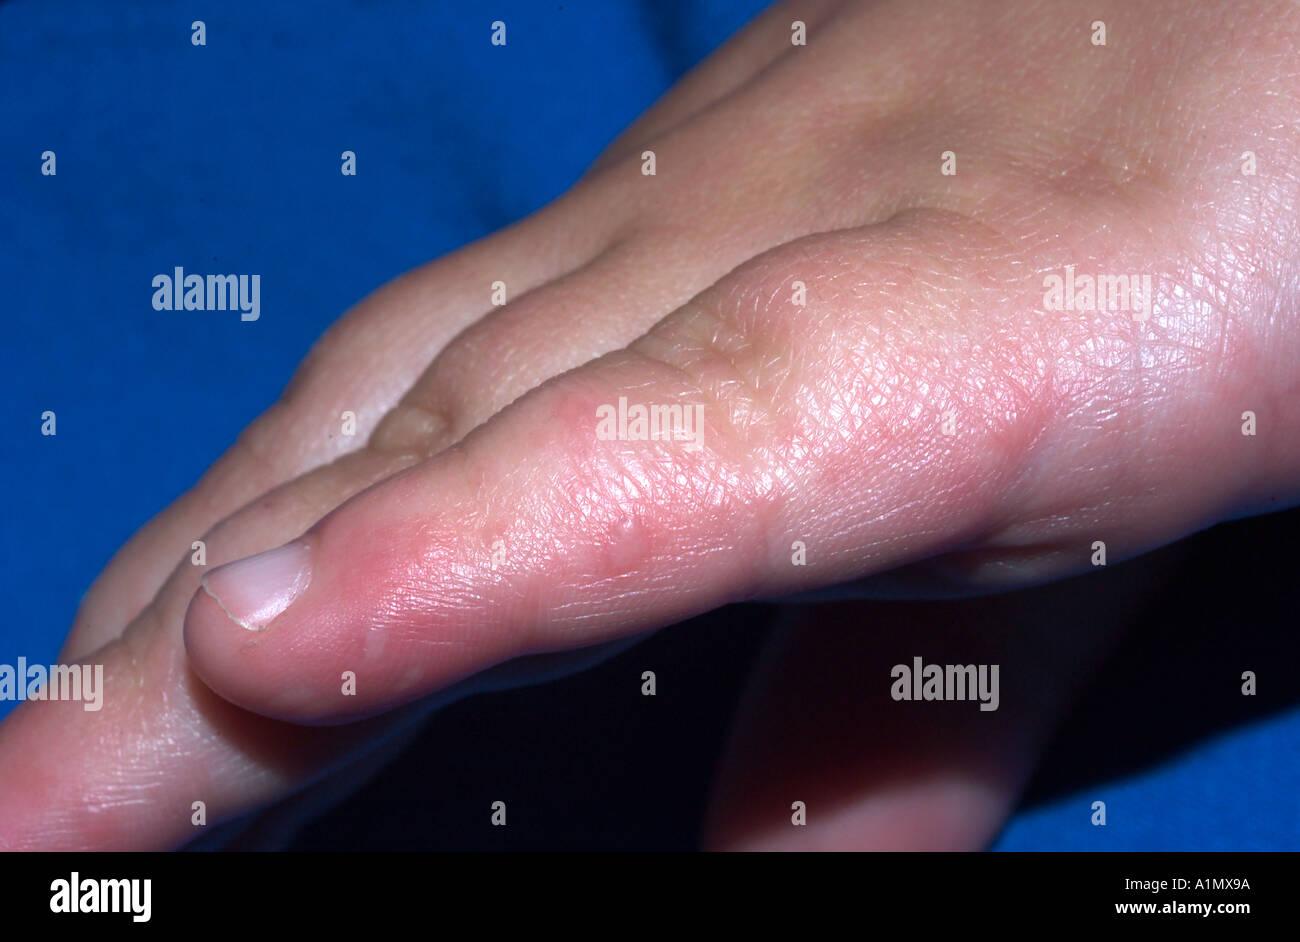 аллергия на гель как лечить